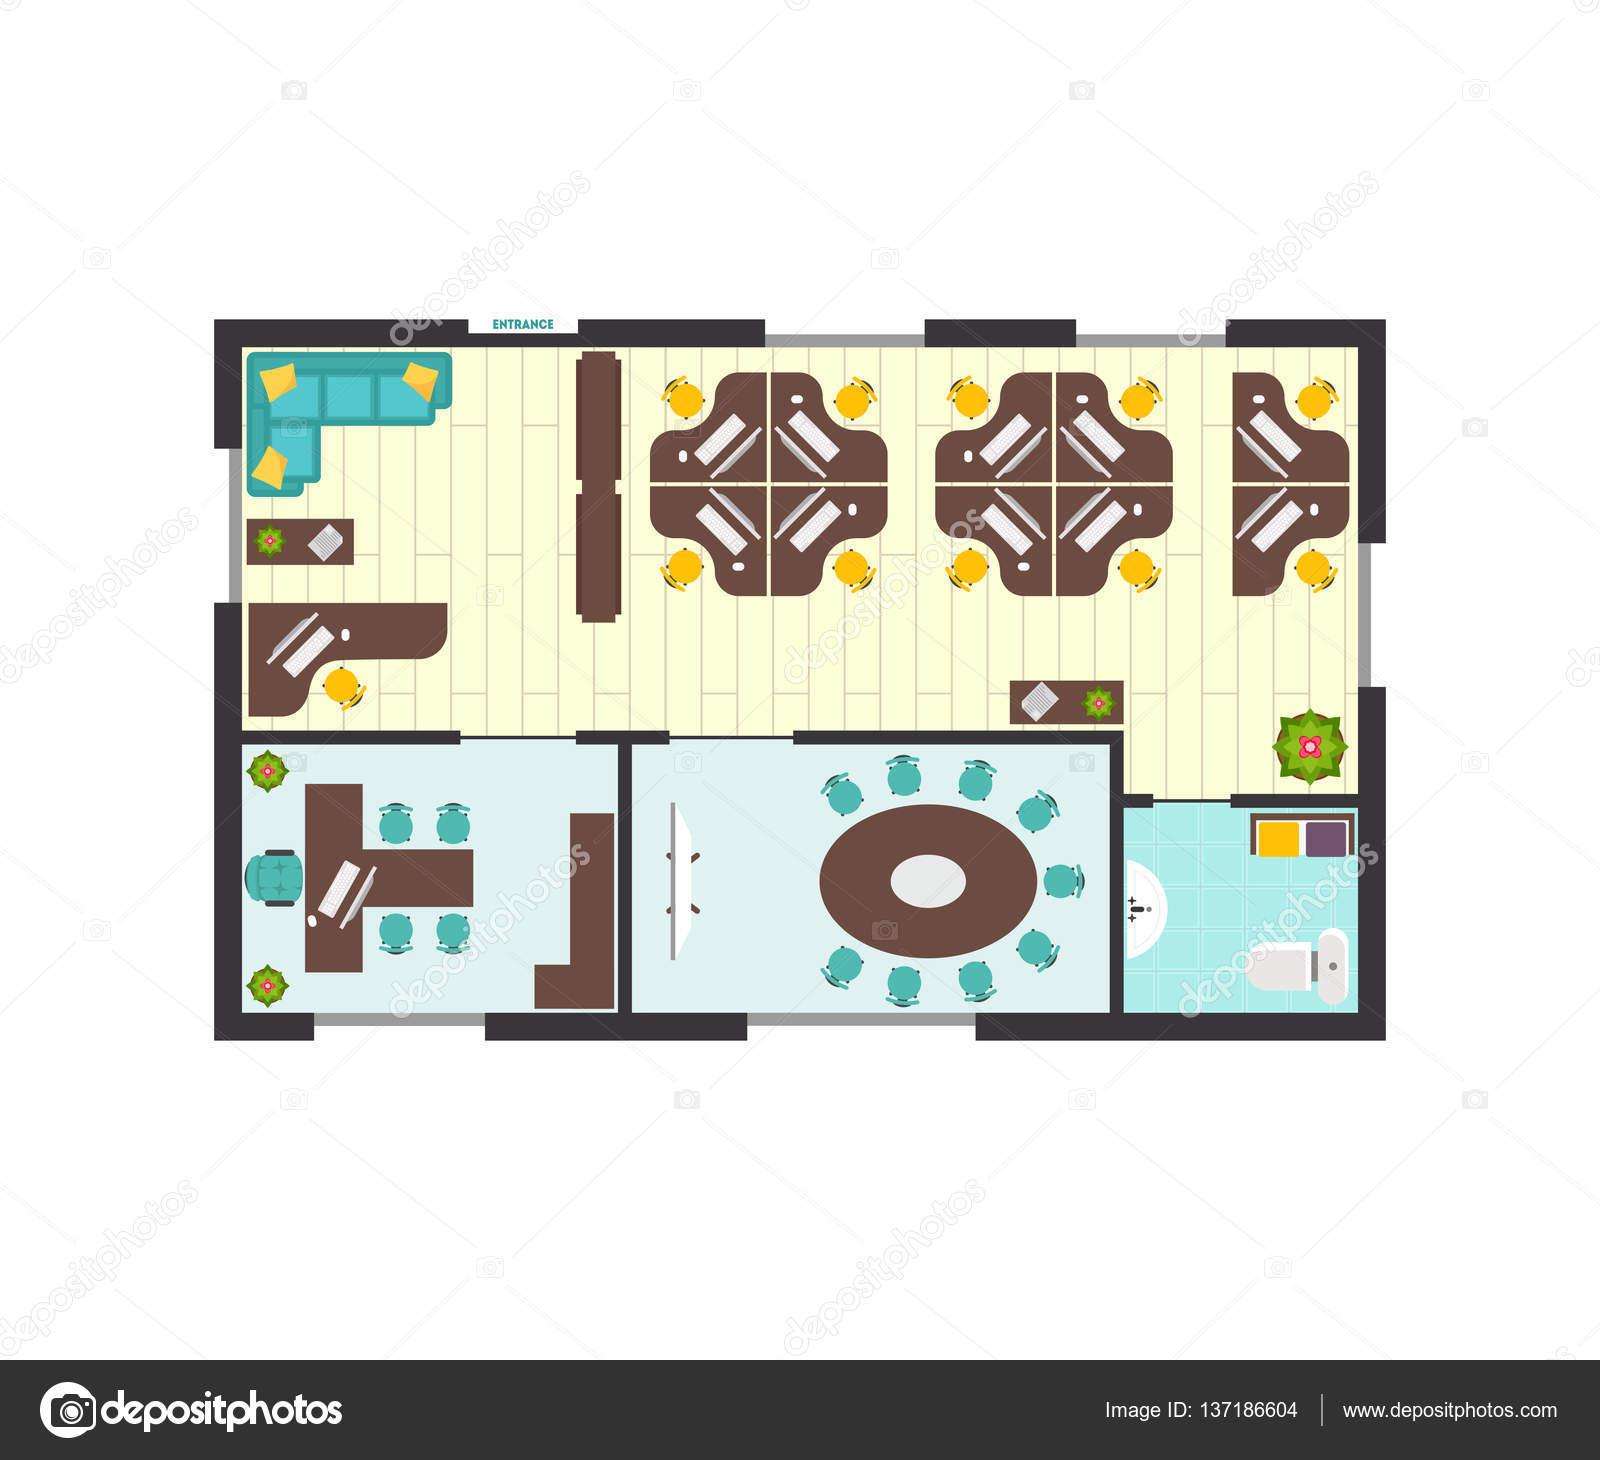 Бизнес план архитектурно бизнес план типовой строительство